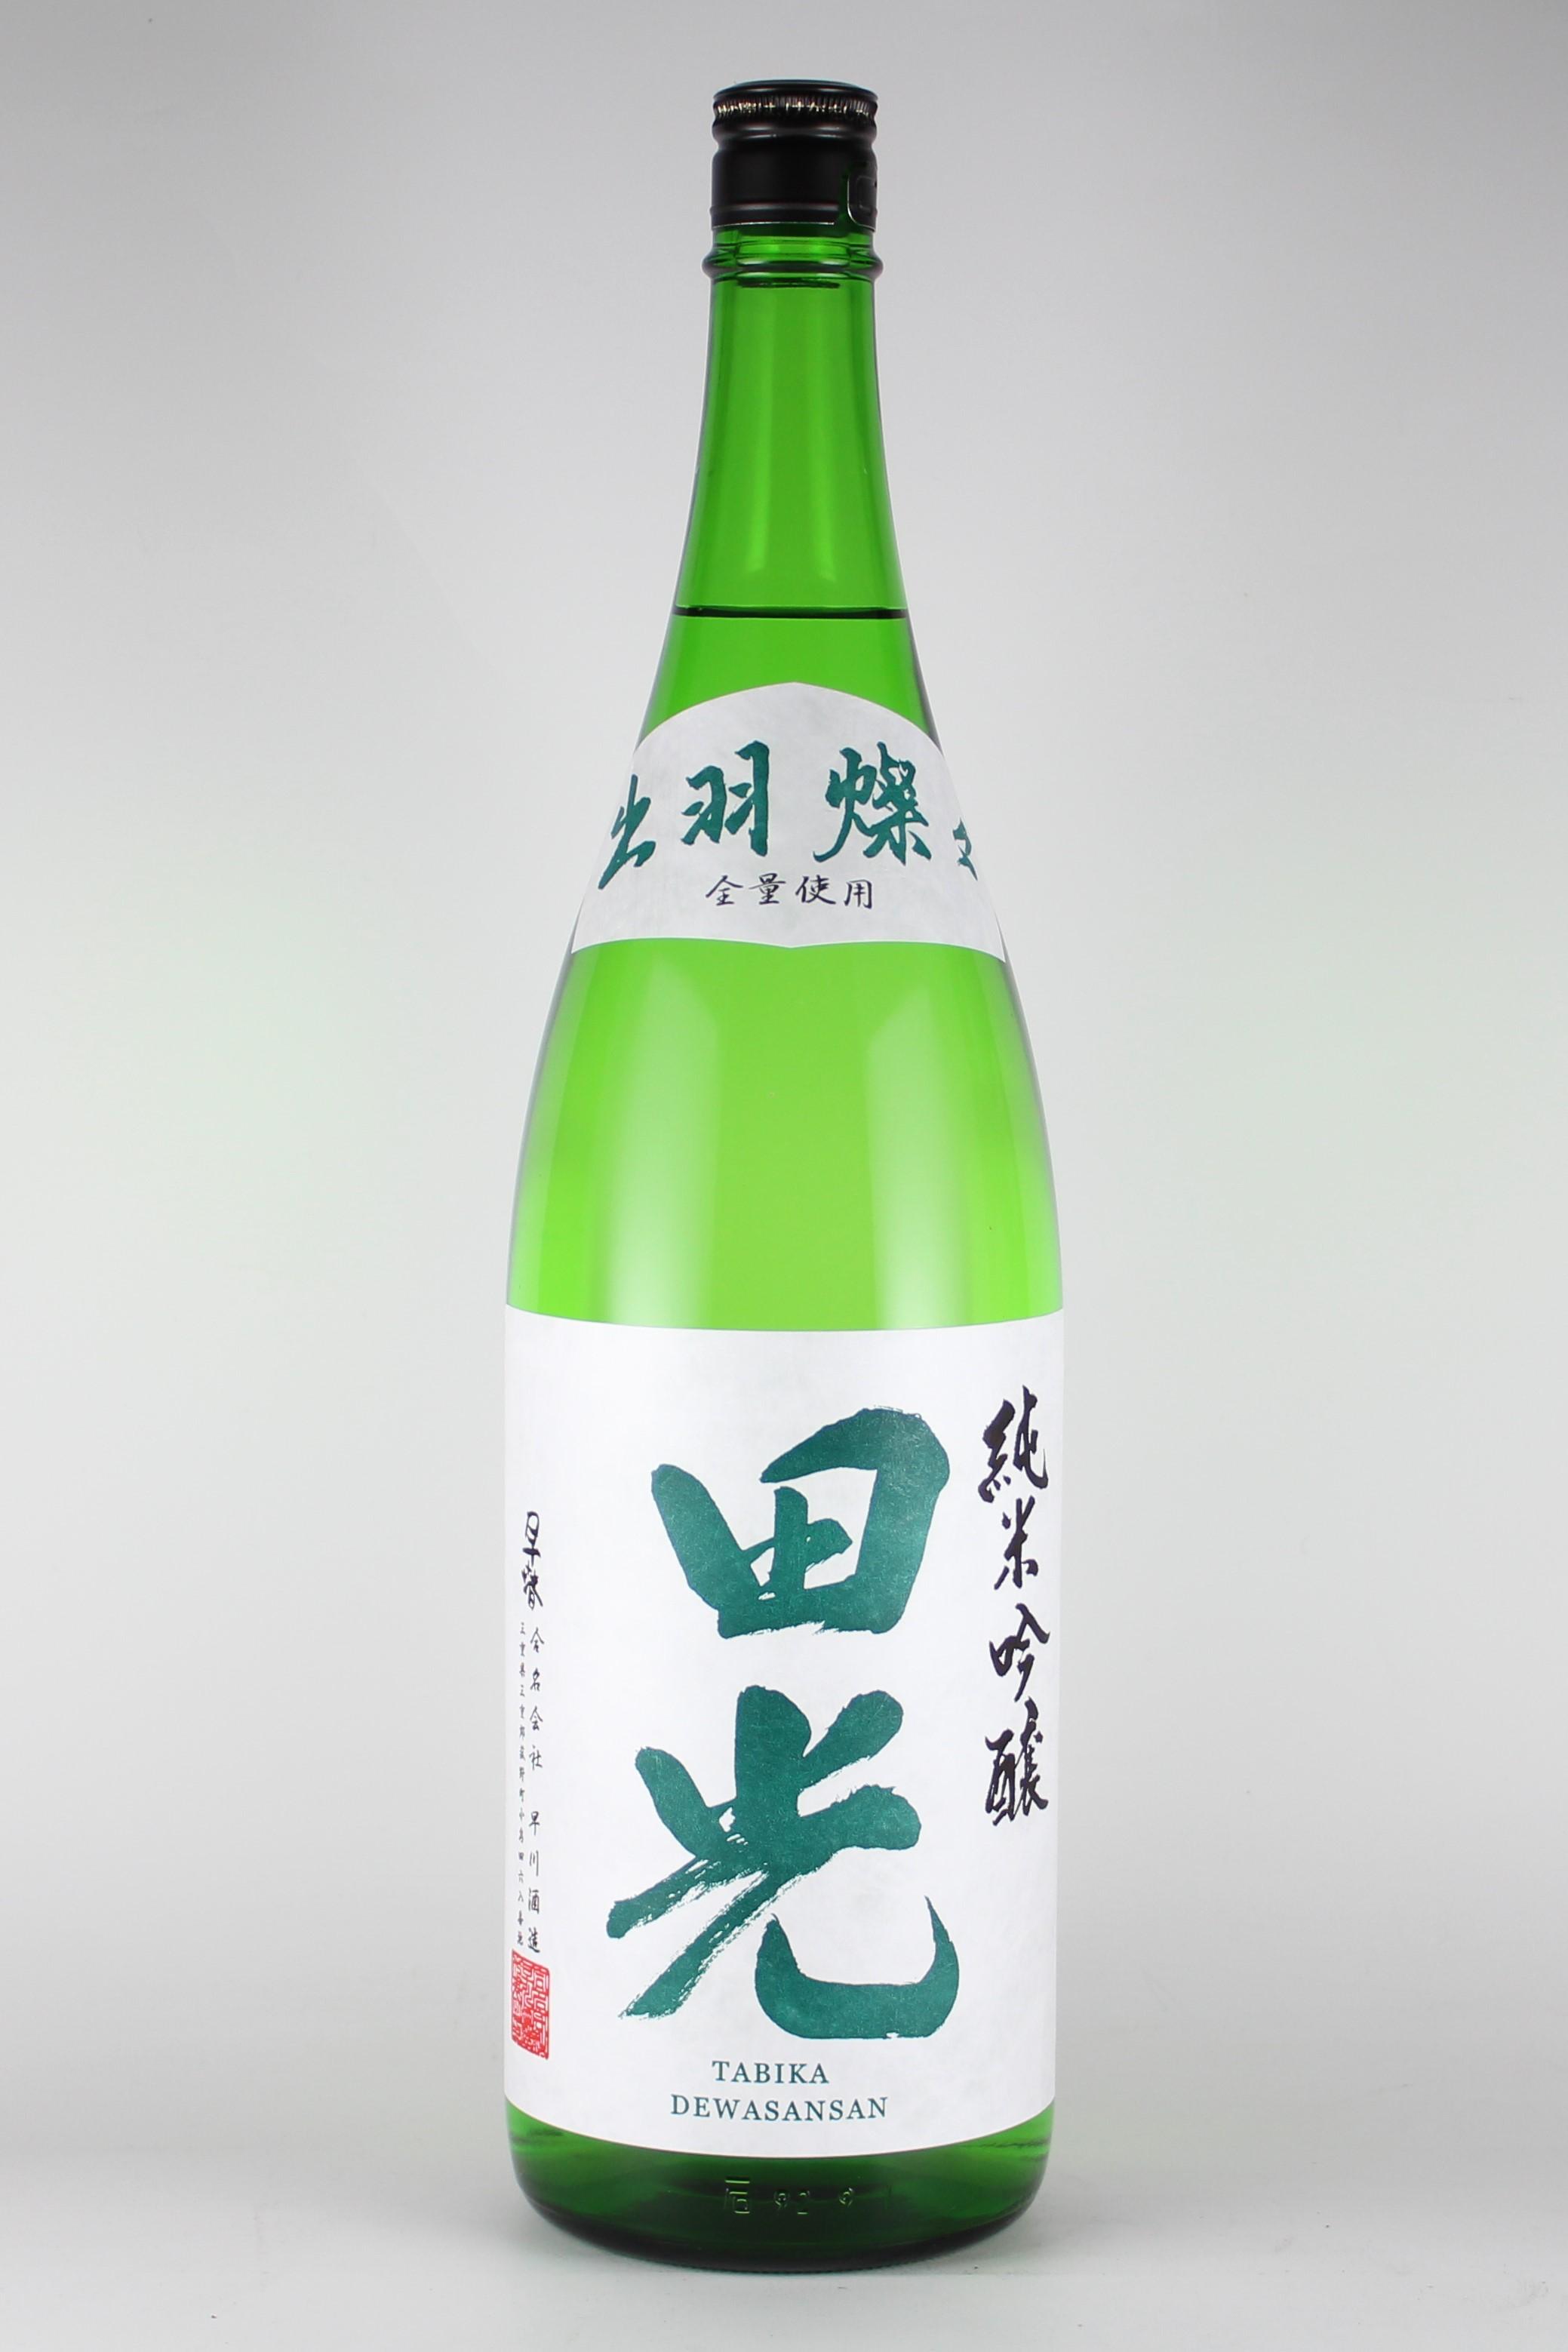 田光2019 純米吟醸無濾過生原酒 出羽燦々 1800ml 【三重/早川酒造】